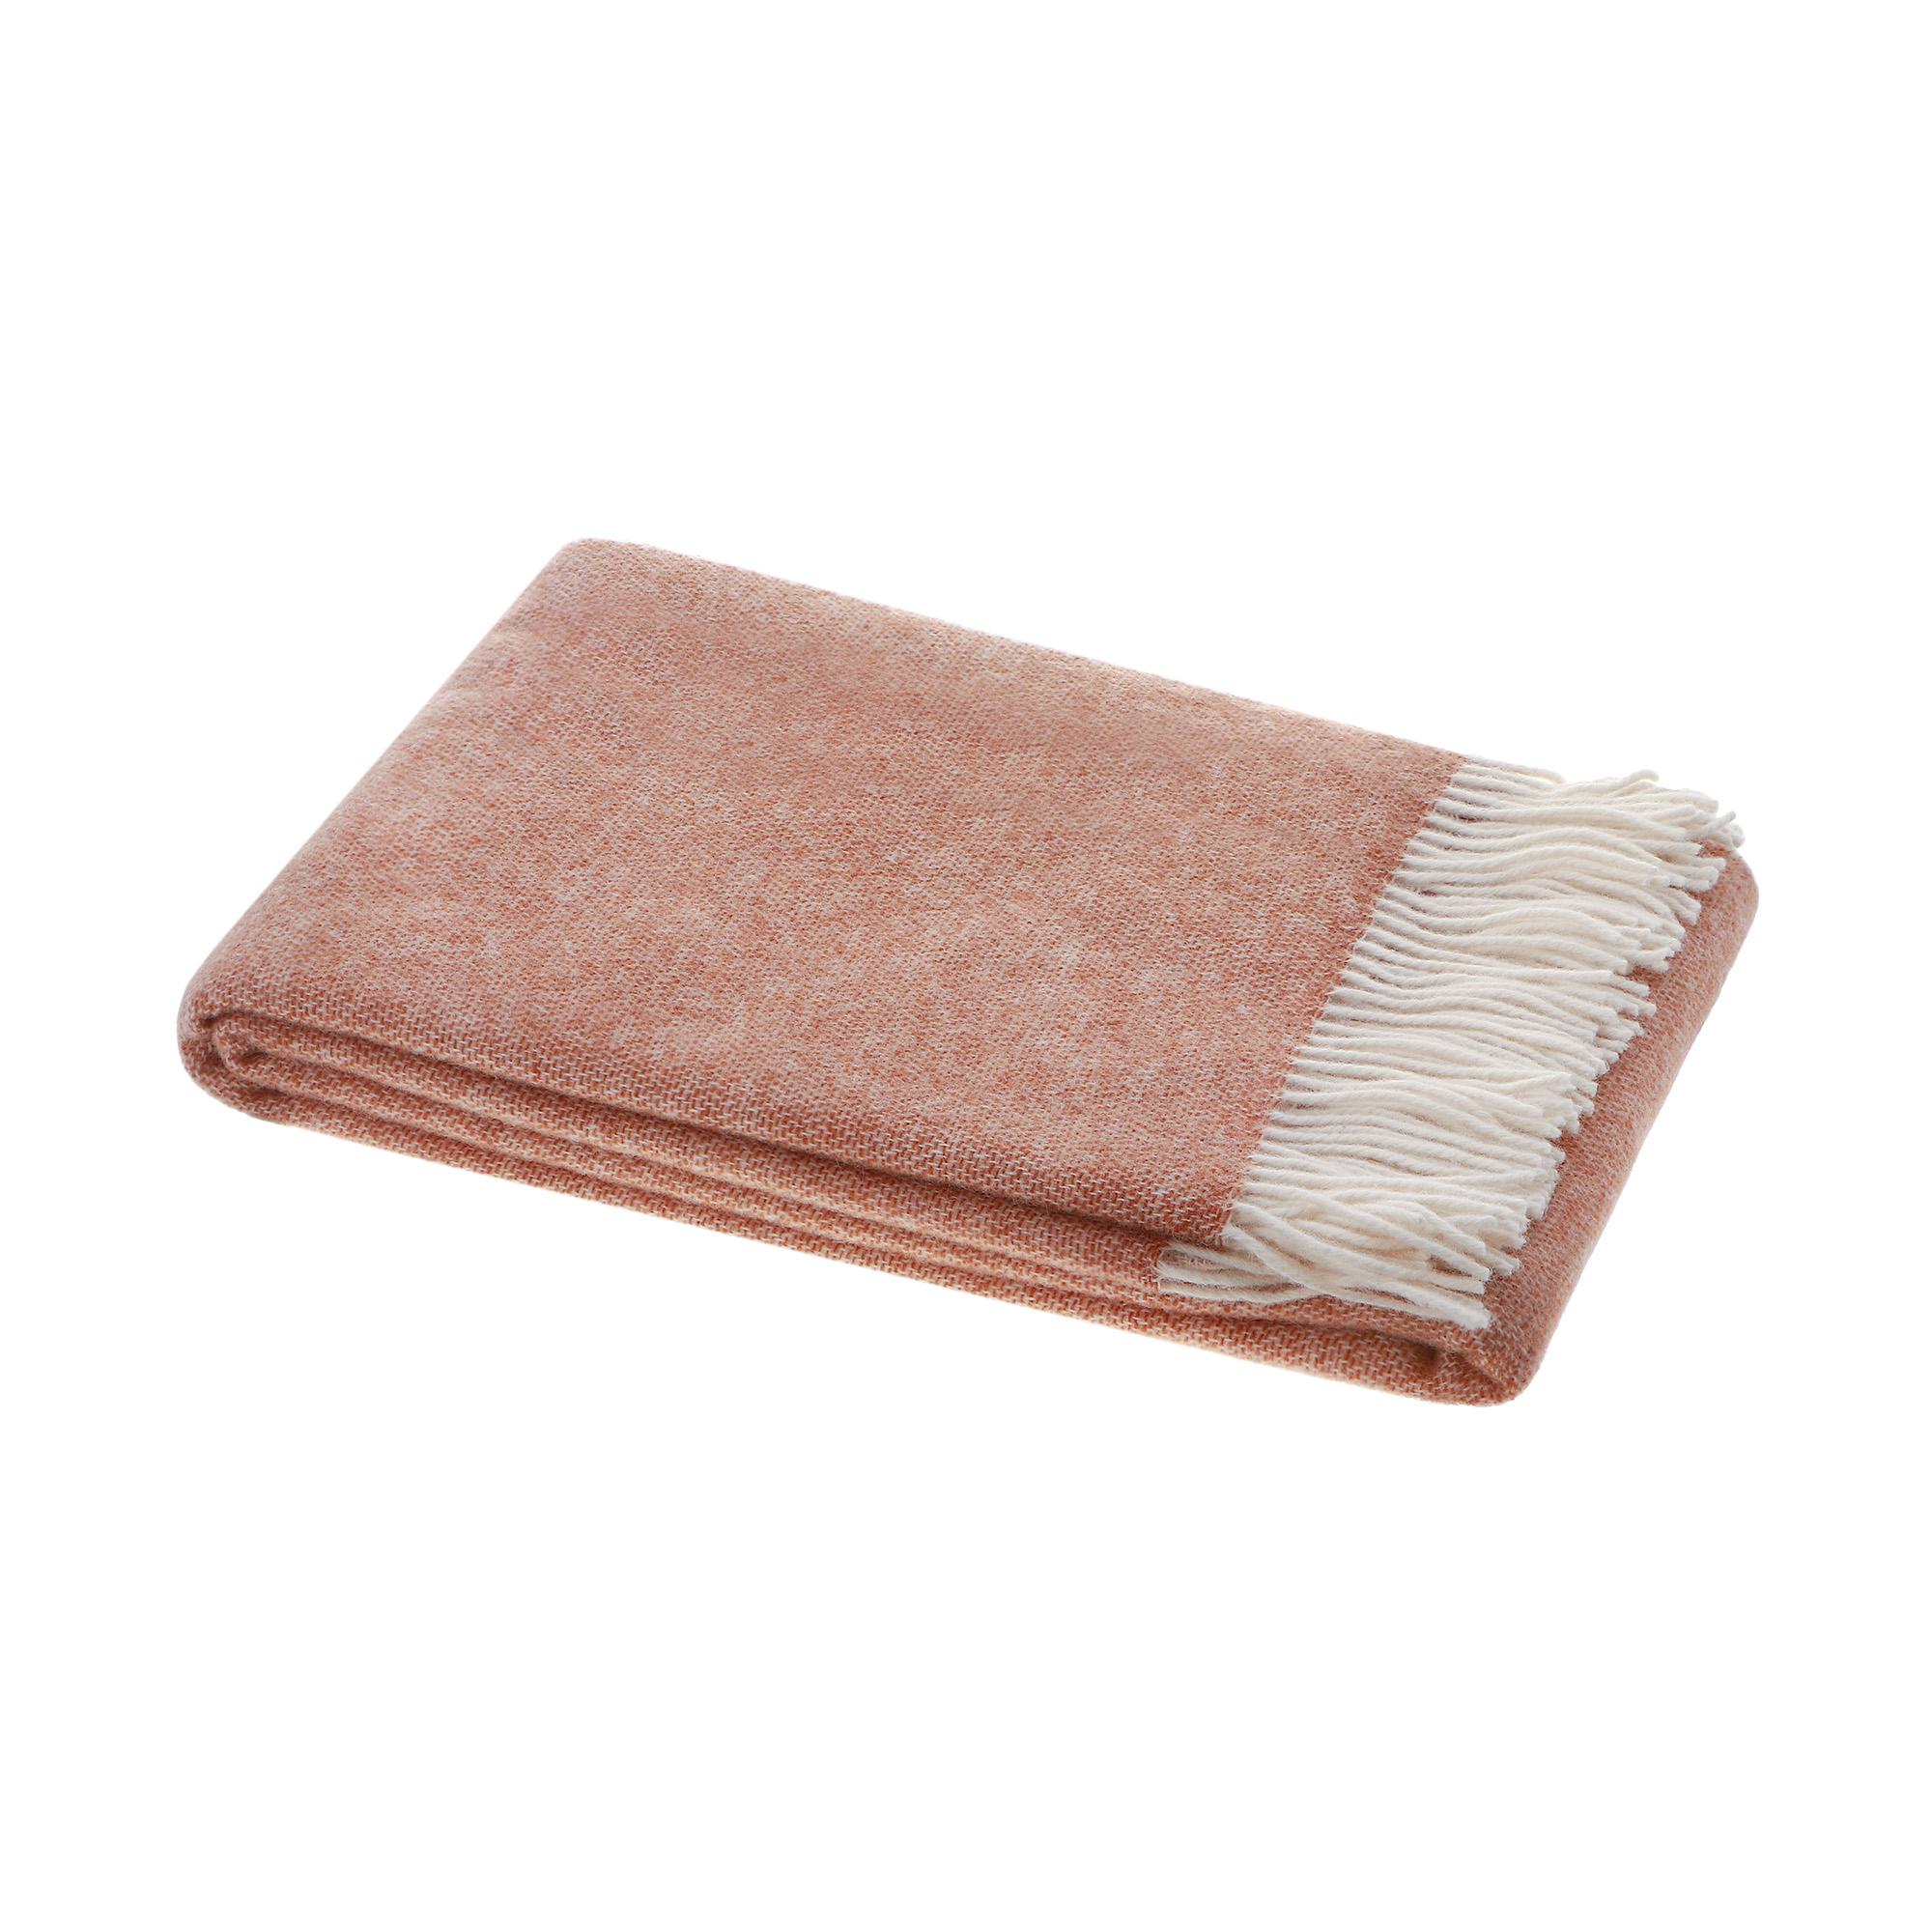 Плед Home Blanket Alisabetta Бежевый с белым 140х200 см